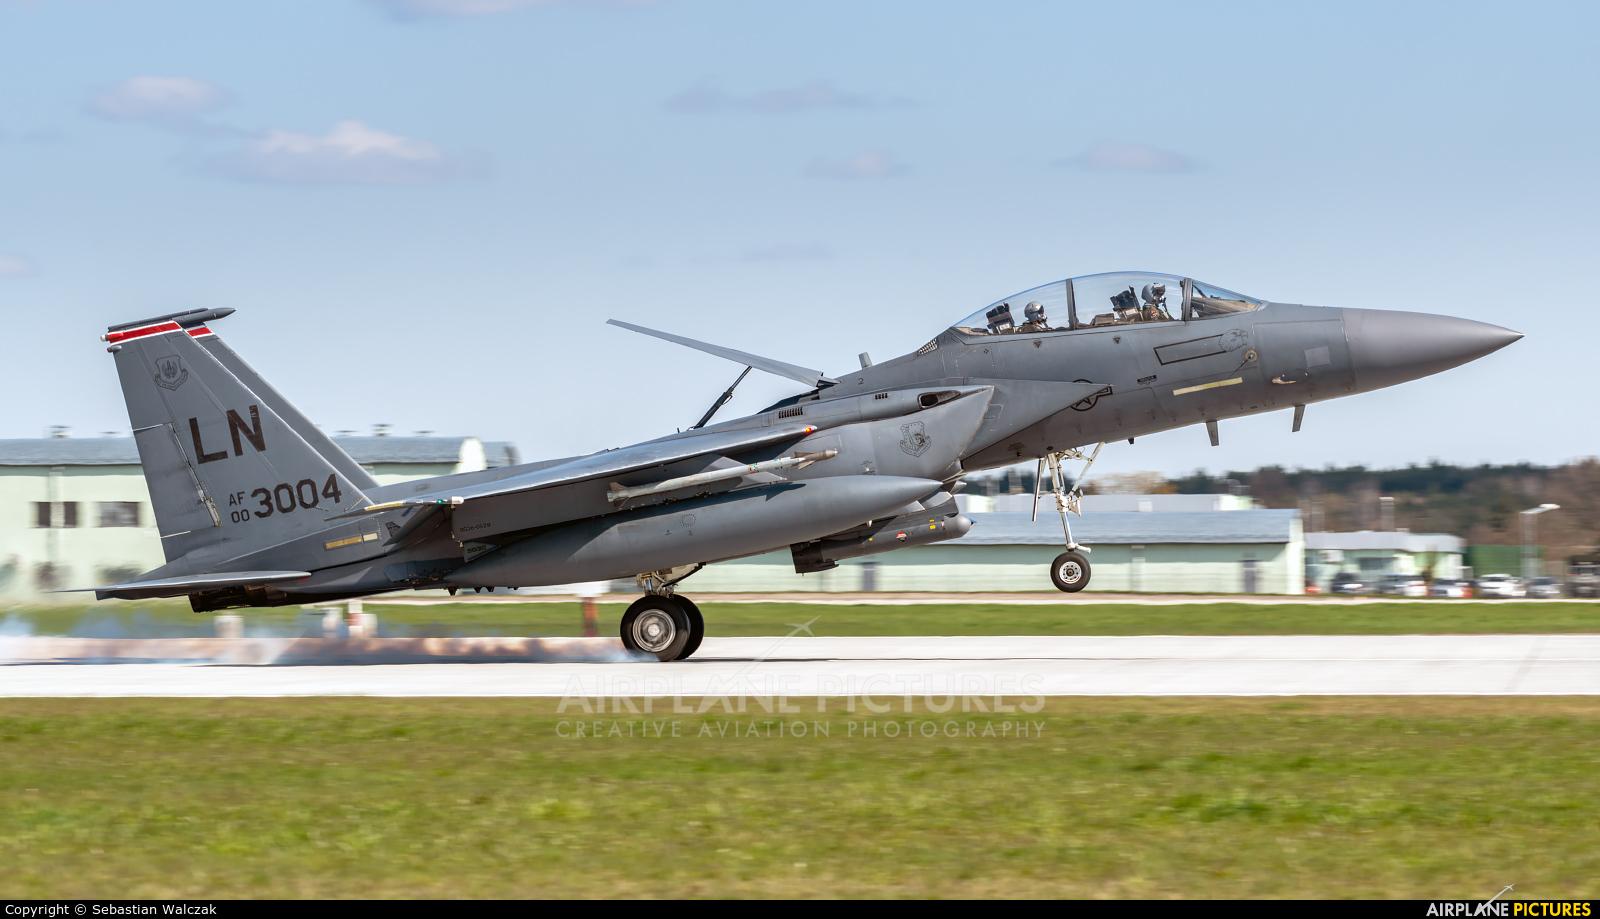 USA - Air Force 00-3004 aircraft at Łask AB